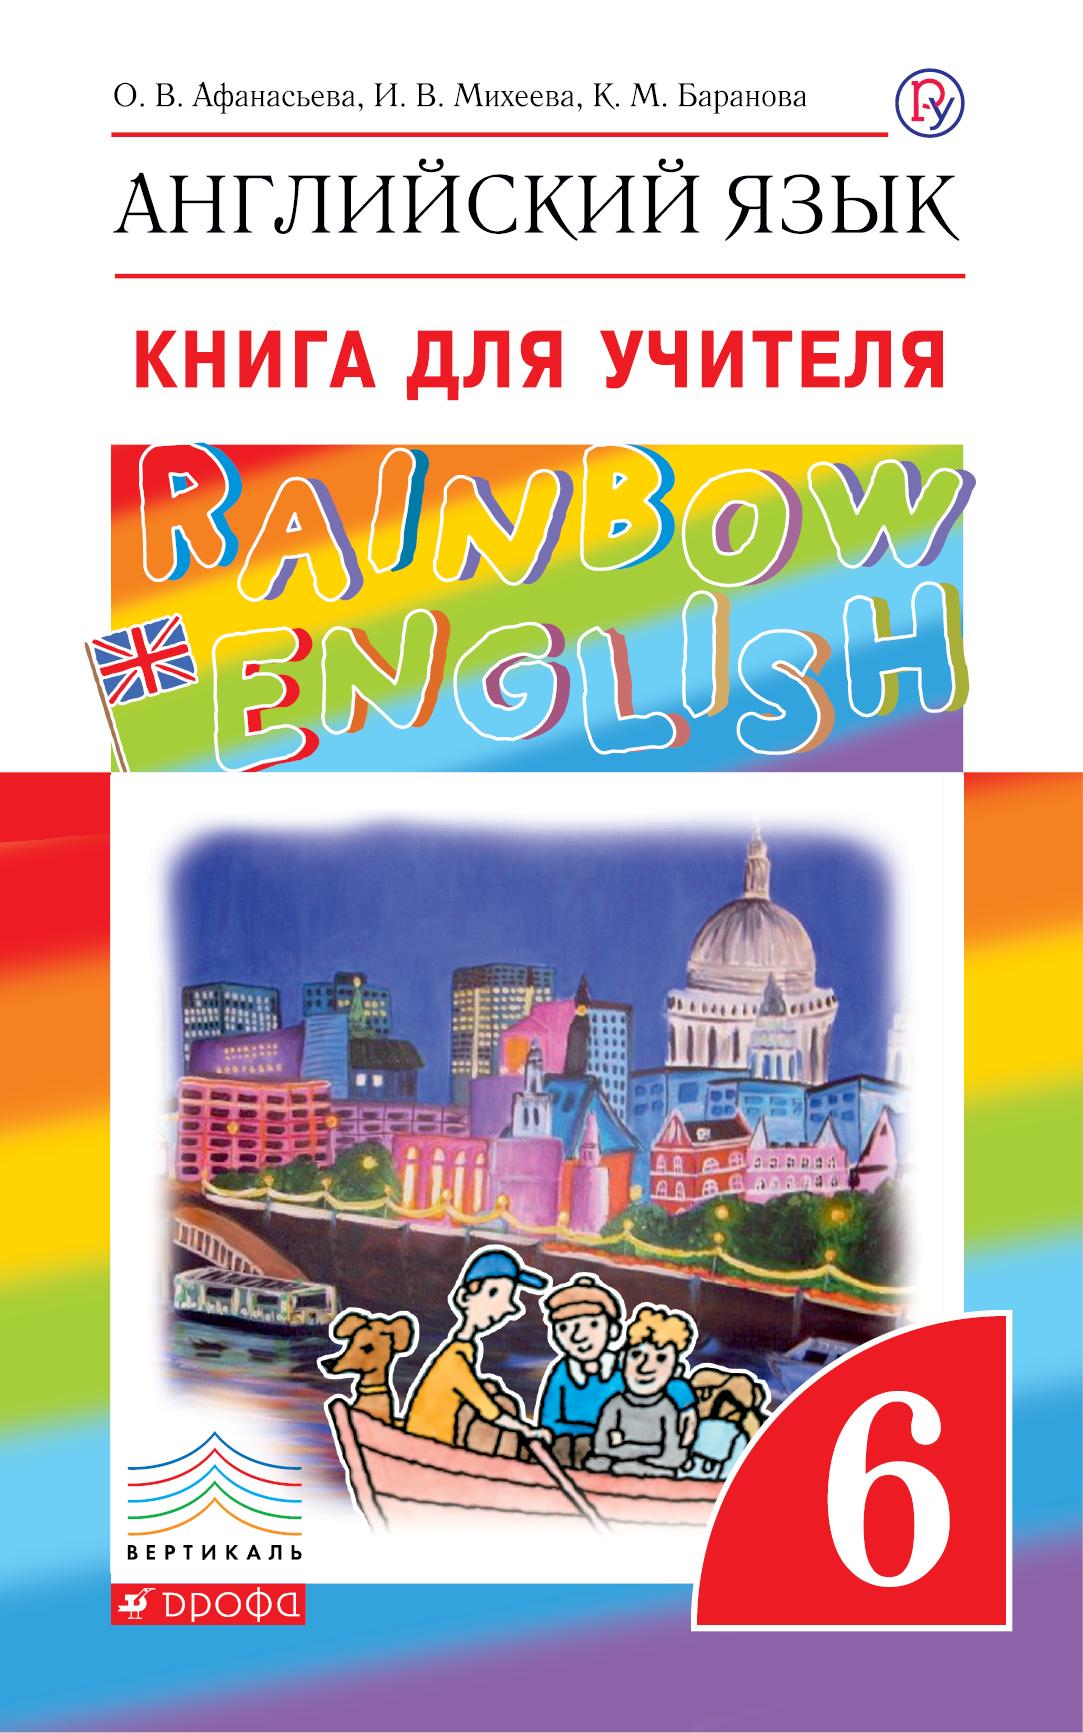 Английский язык класс контрольные работы авт Афанасьева О В  6 класс Книга для учителя